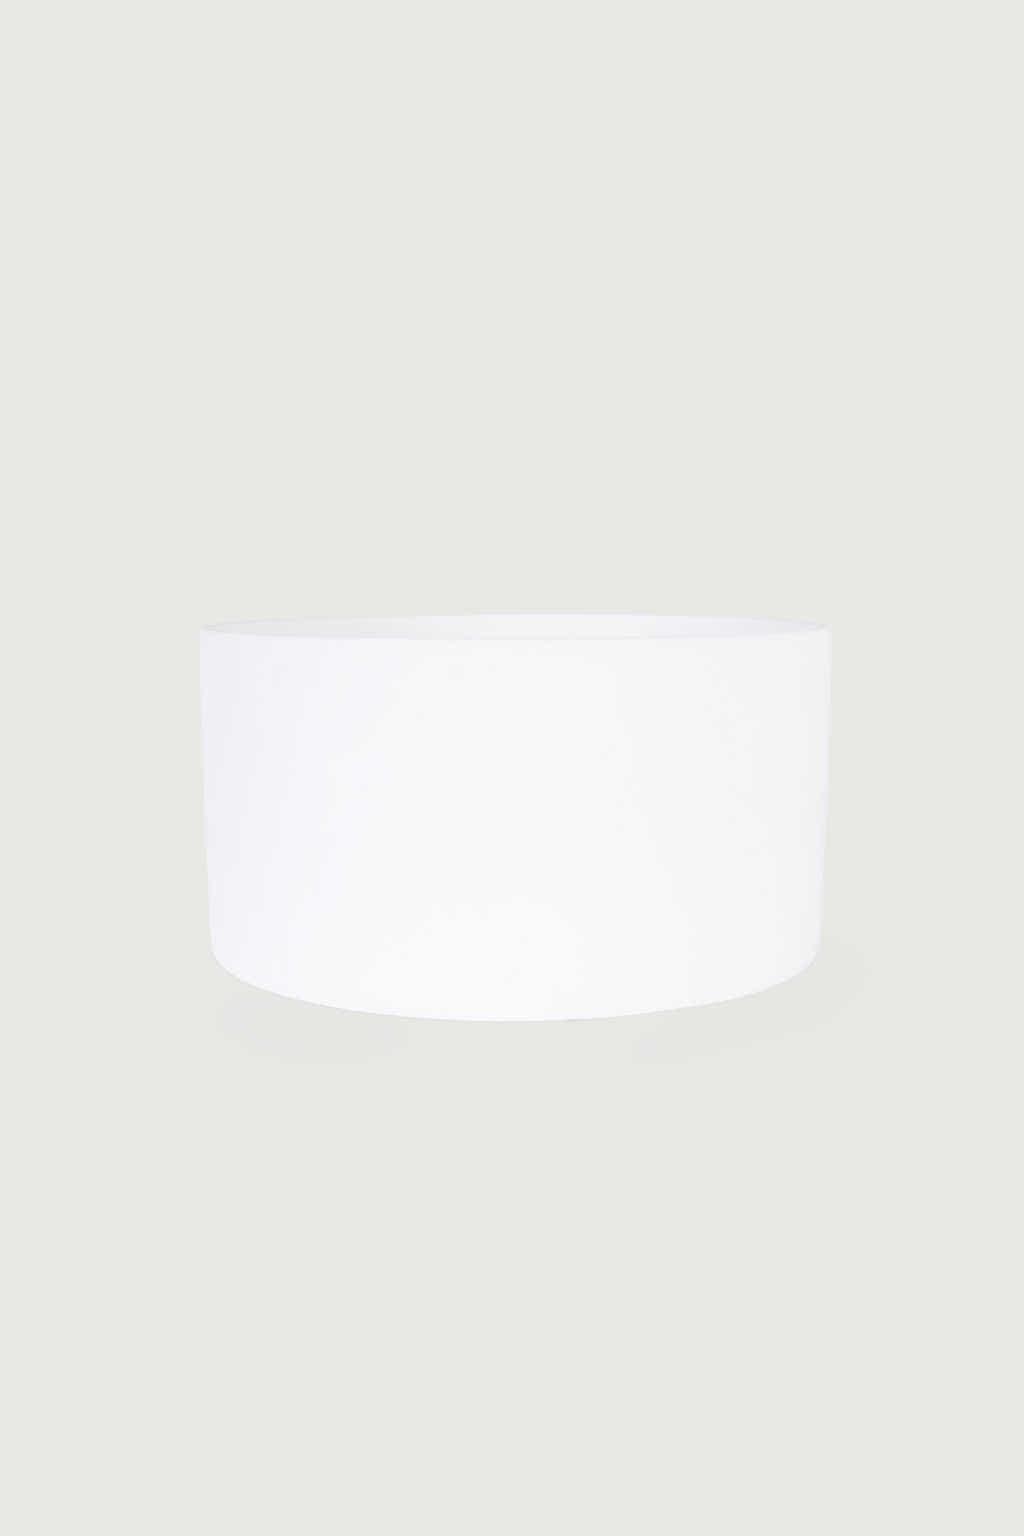 Wide Ceramic Planter 2947 White 3